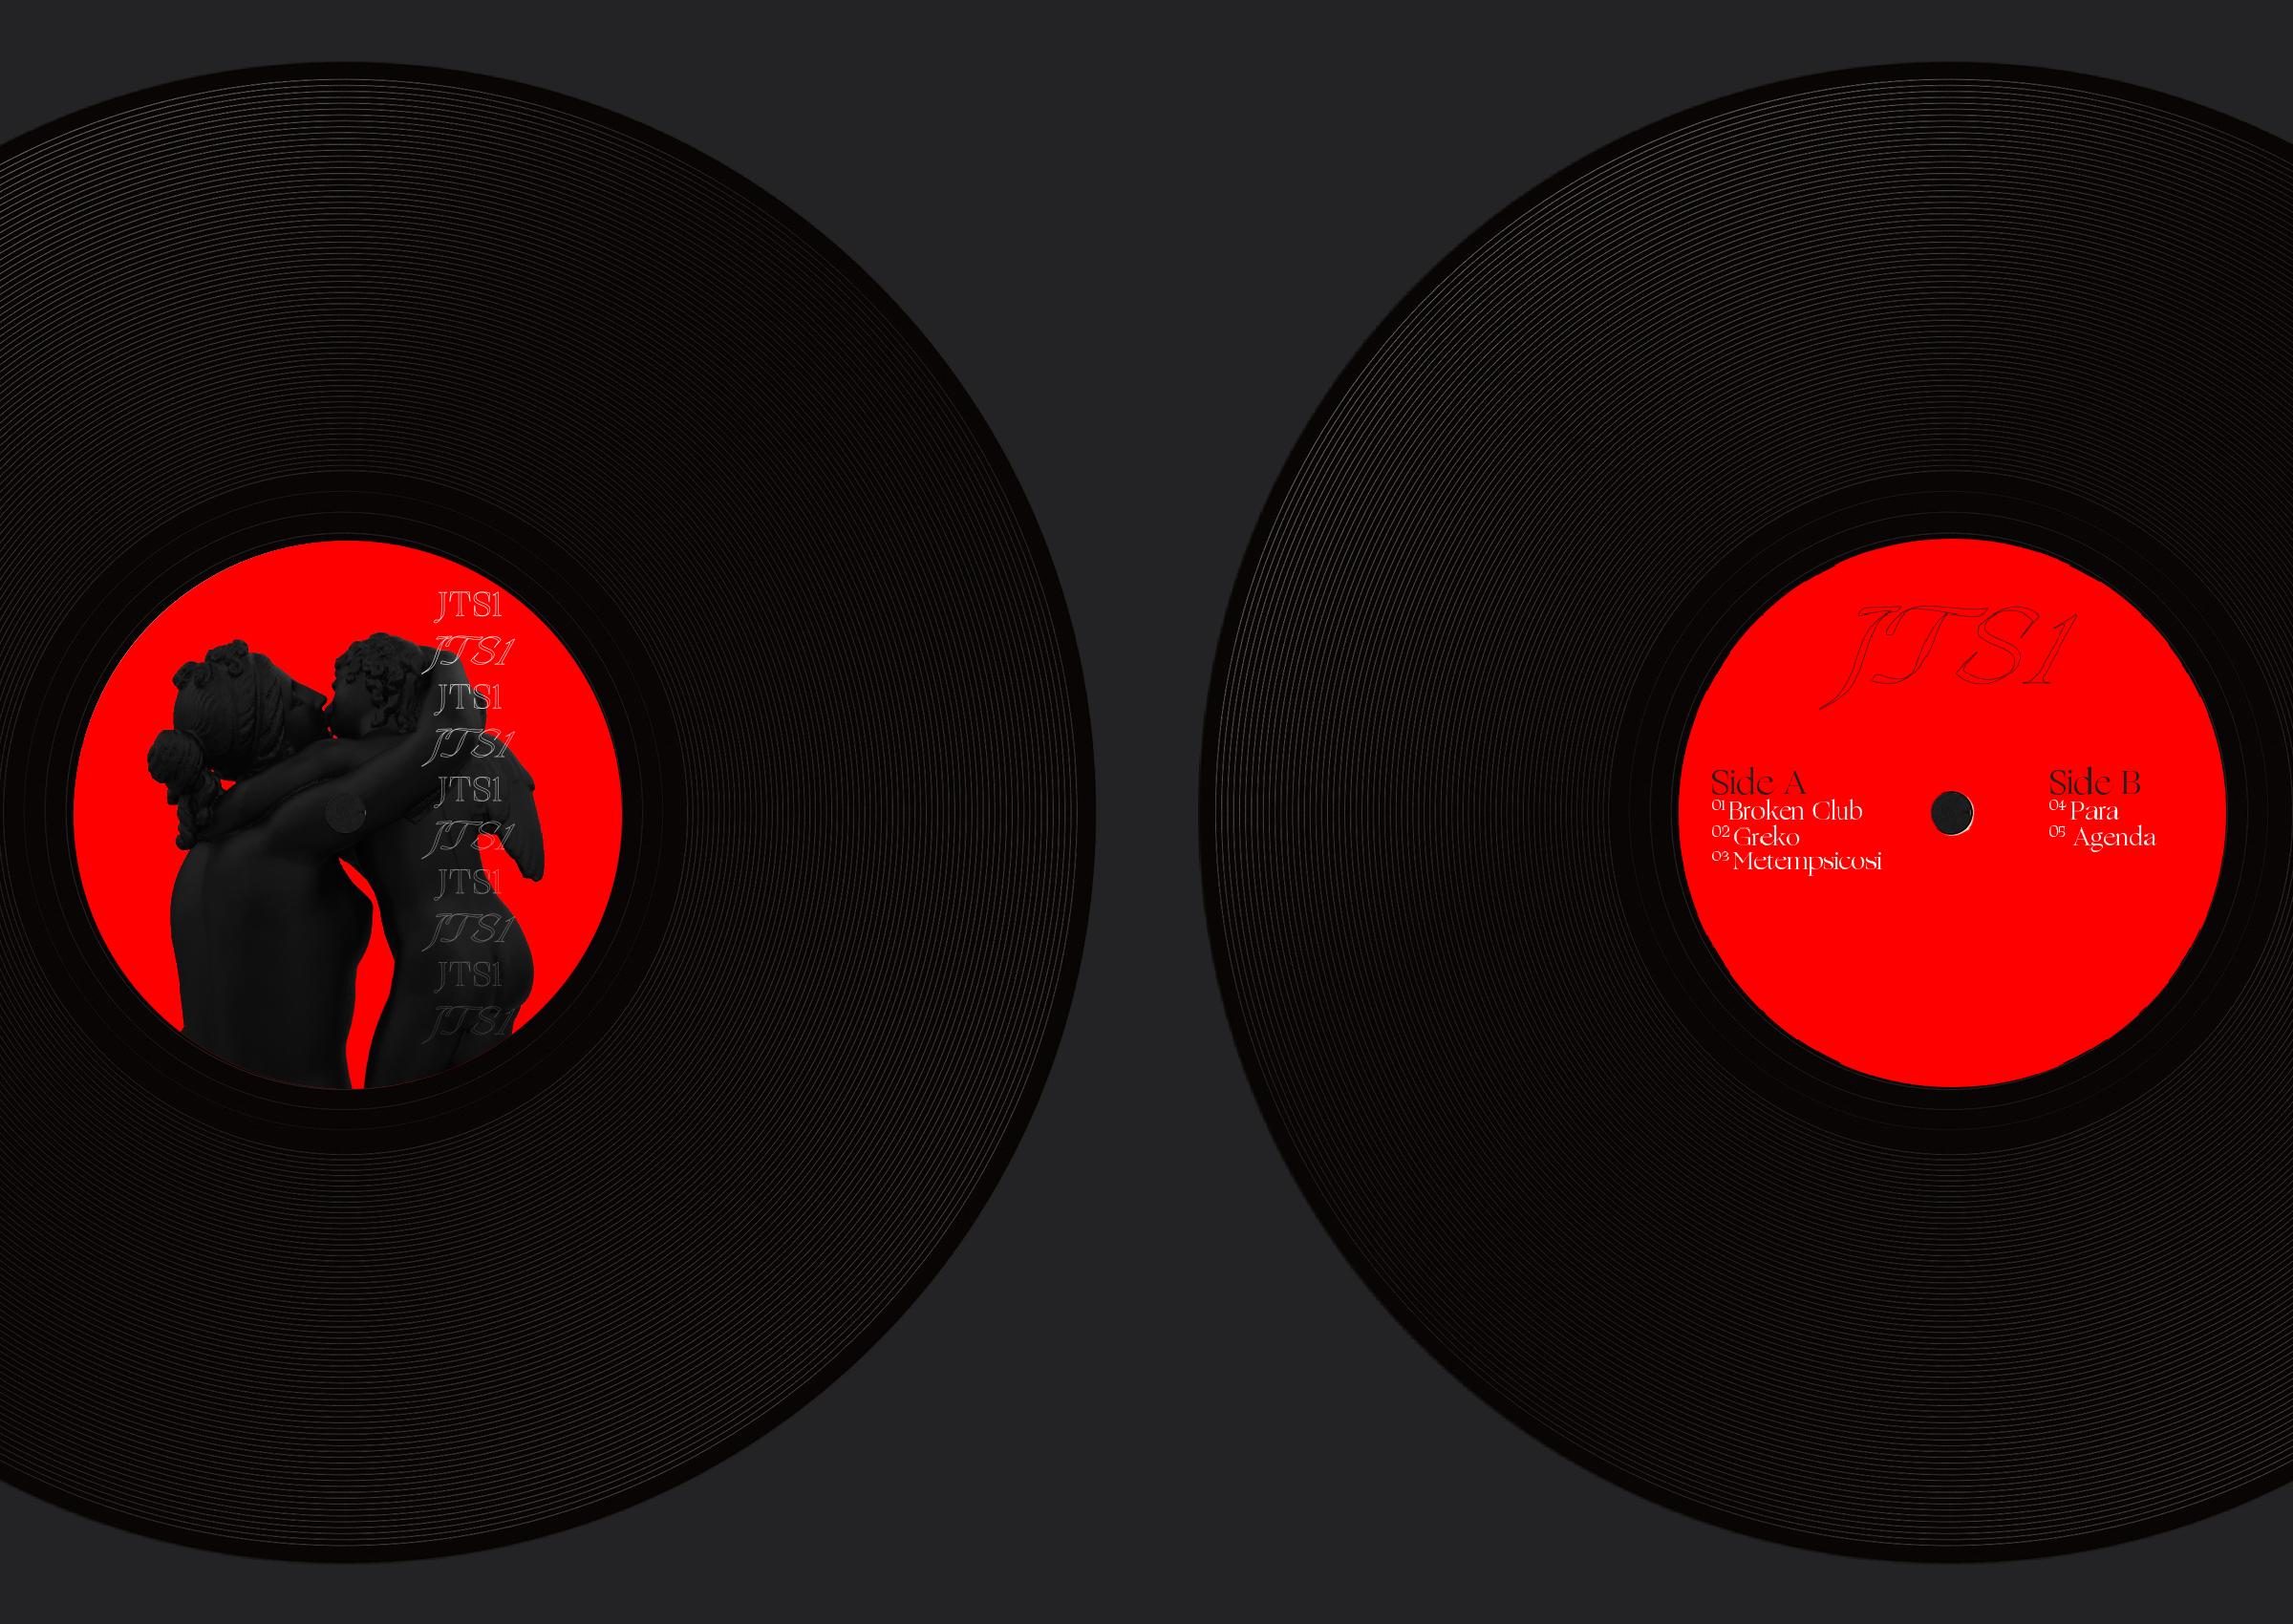 JTS1-Greko002-Vinyl Combination.jpg